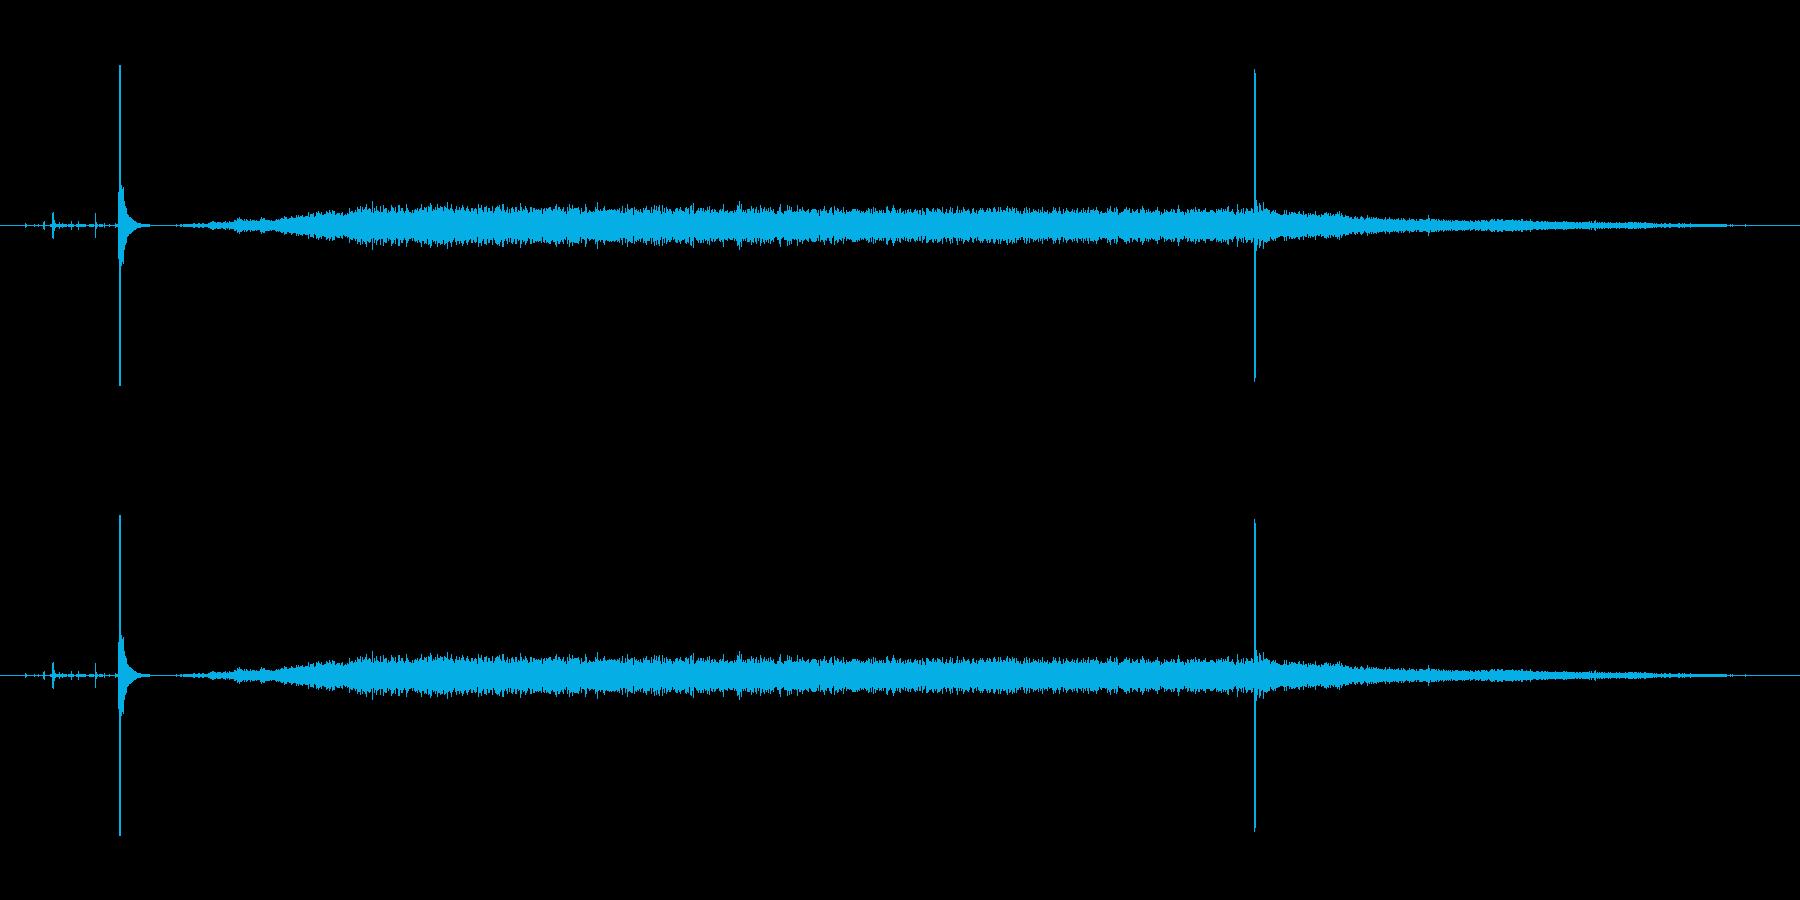 掃除機の動作音2の再生済みの波形